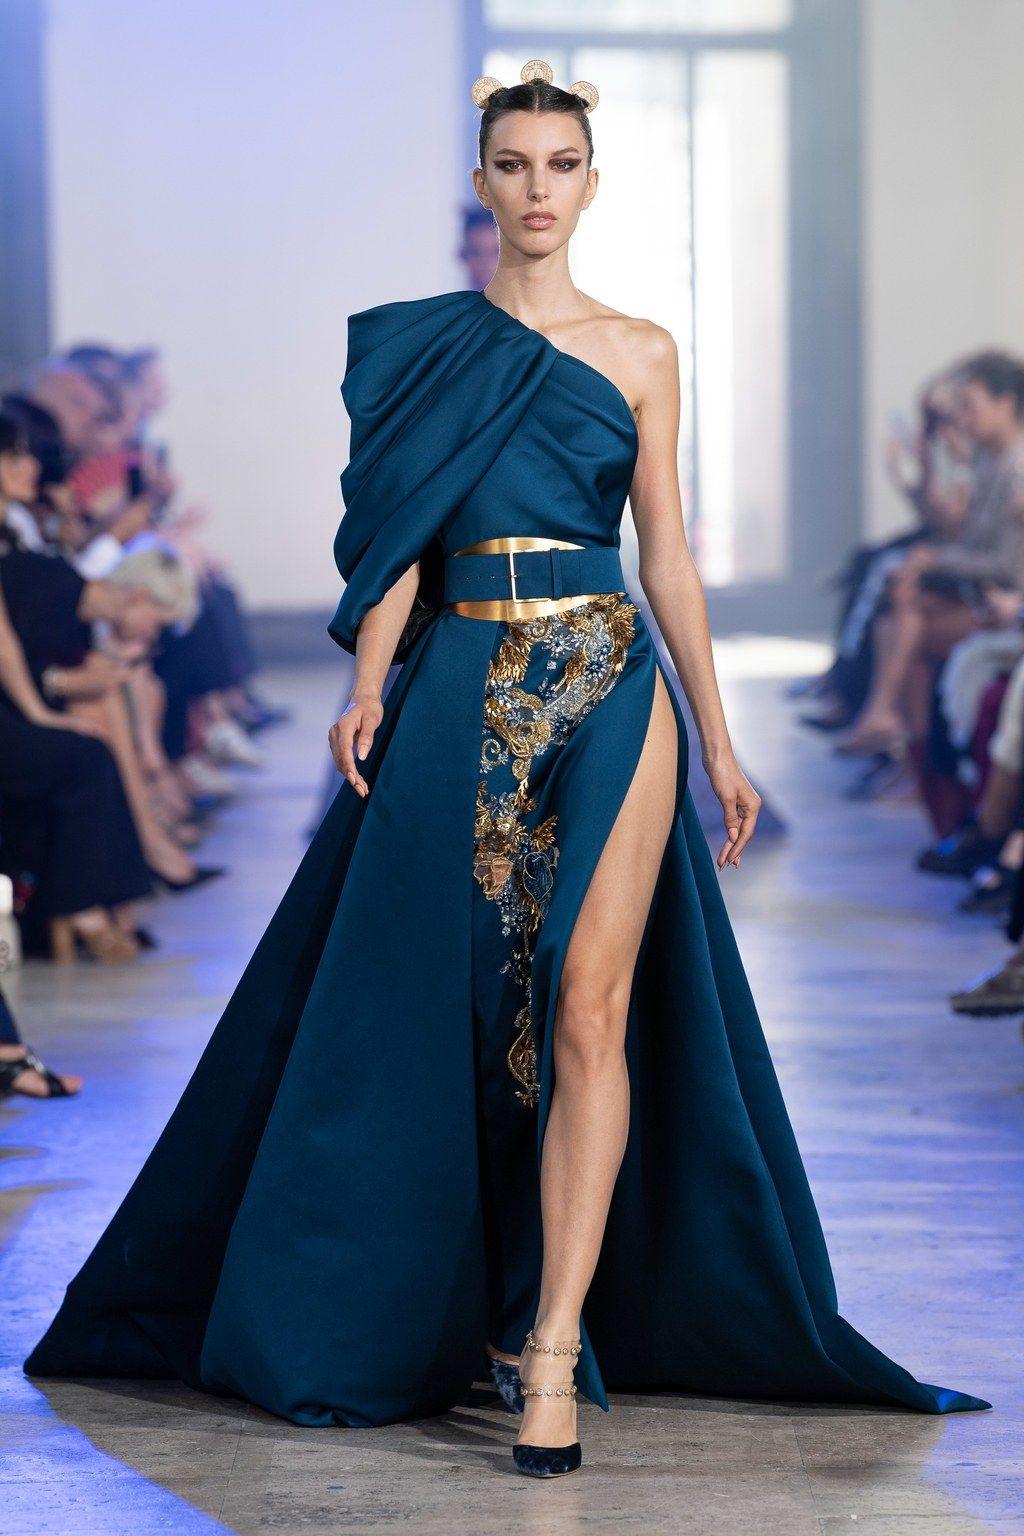 Elie Saab Haute Couture Automne Hiver 2019 2020 Defile Vogue Paris Haute Couture Robe De Mariee Haute Couture Mode Elegante